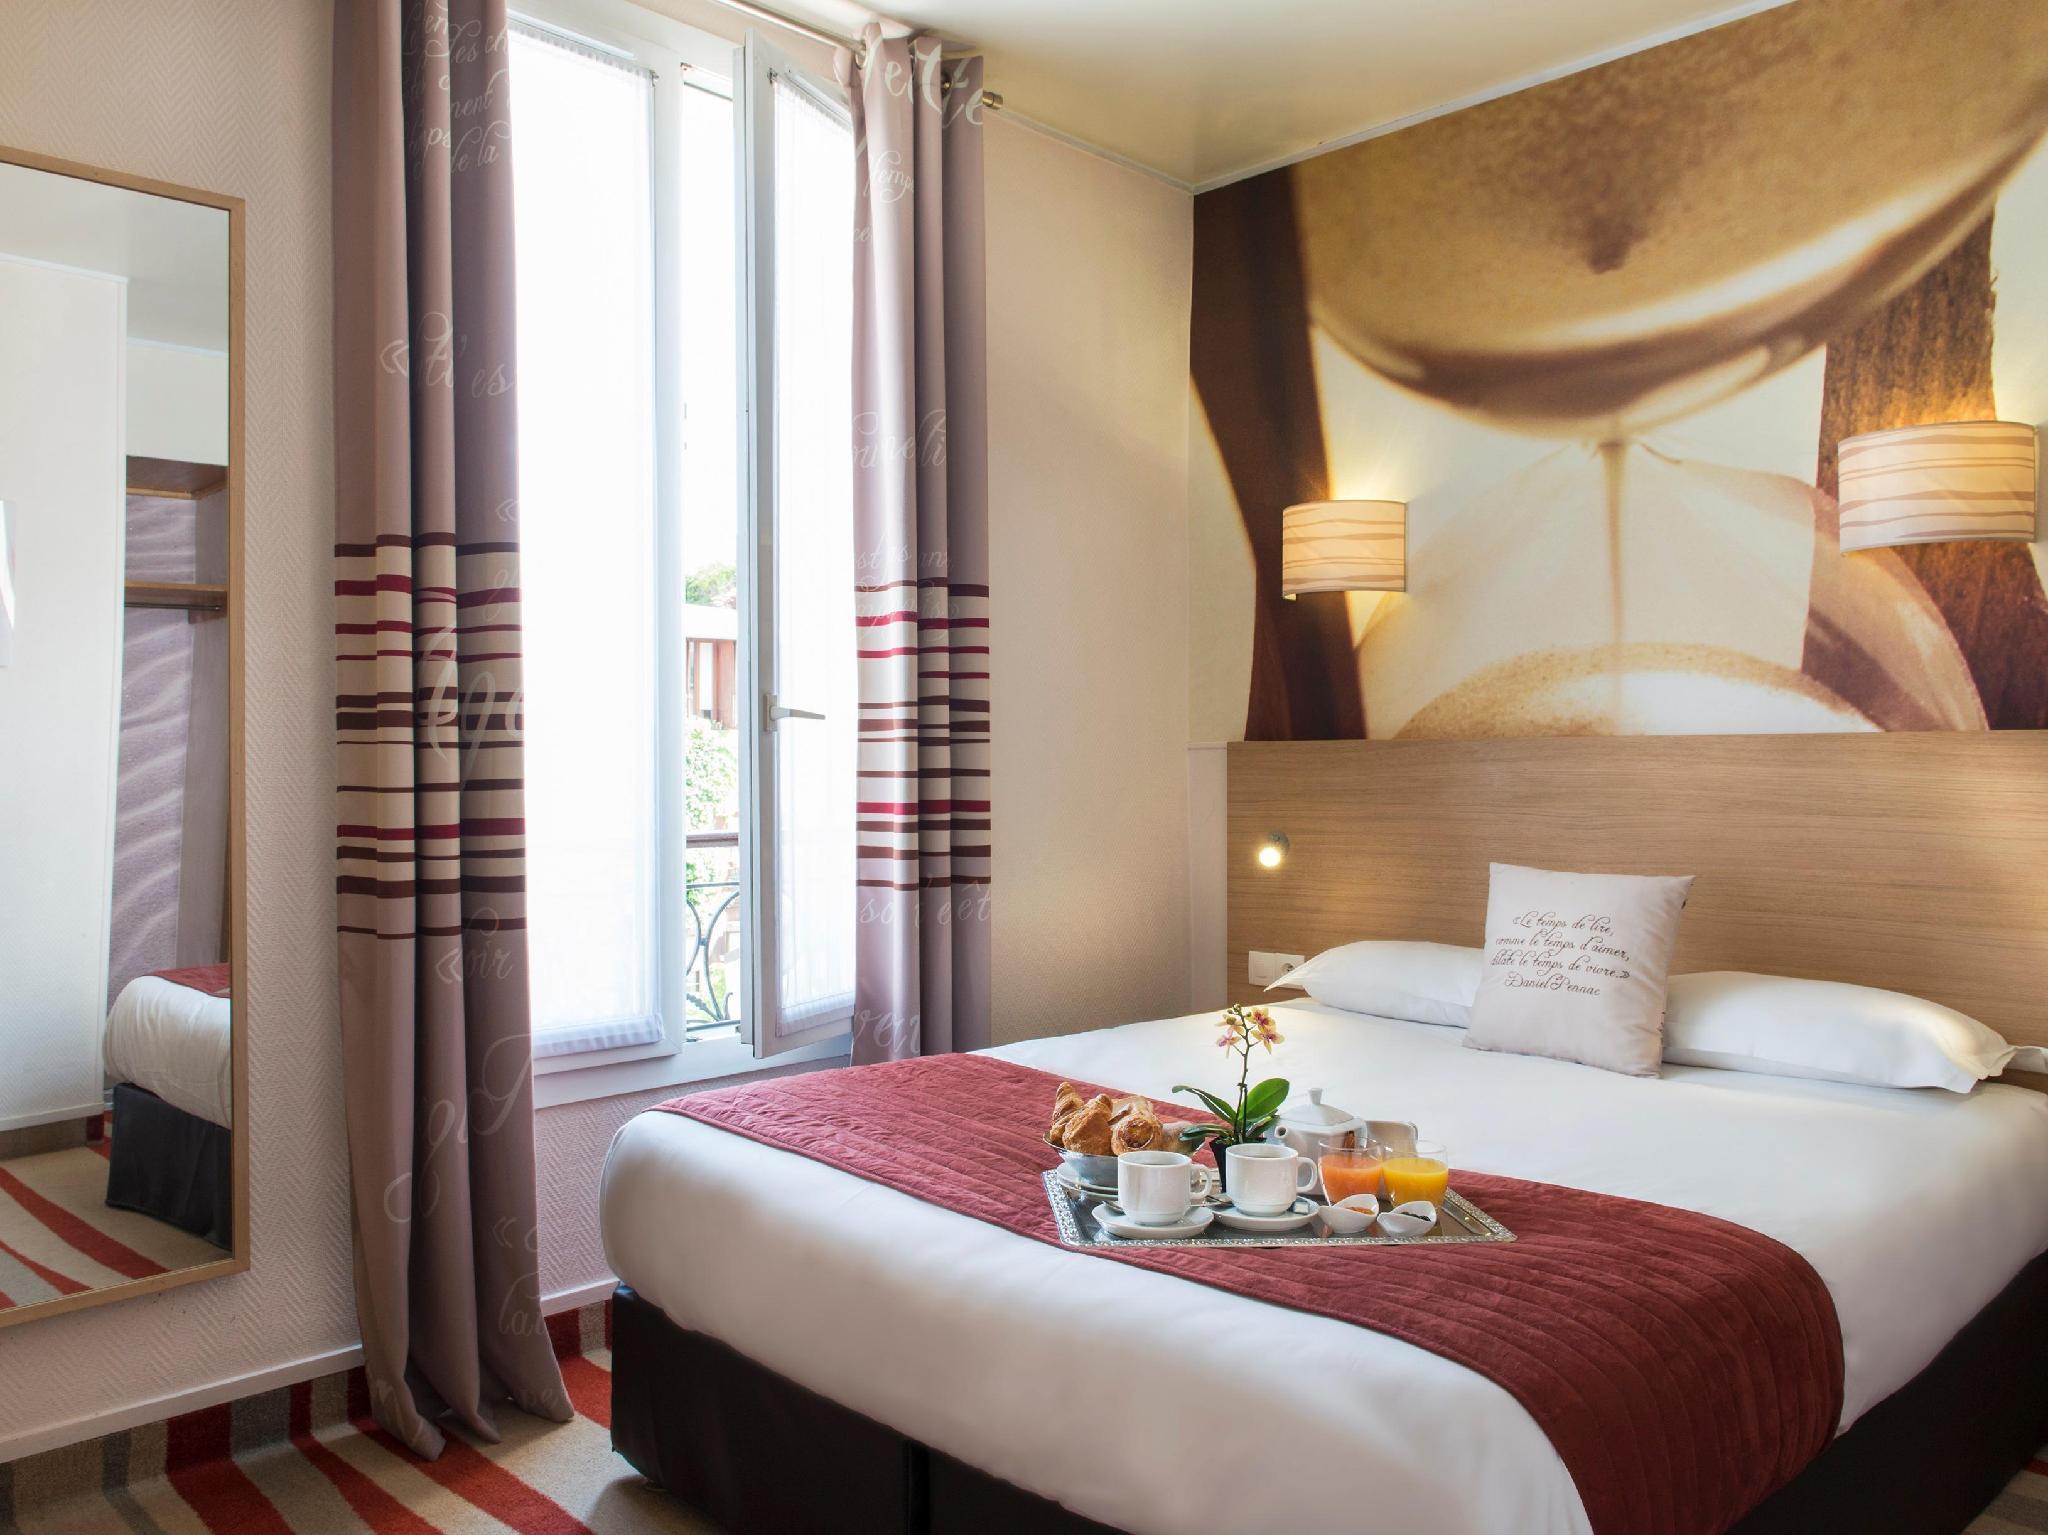 hotels near denfert rochereau train station paris best hotel